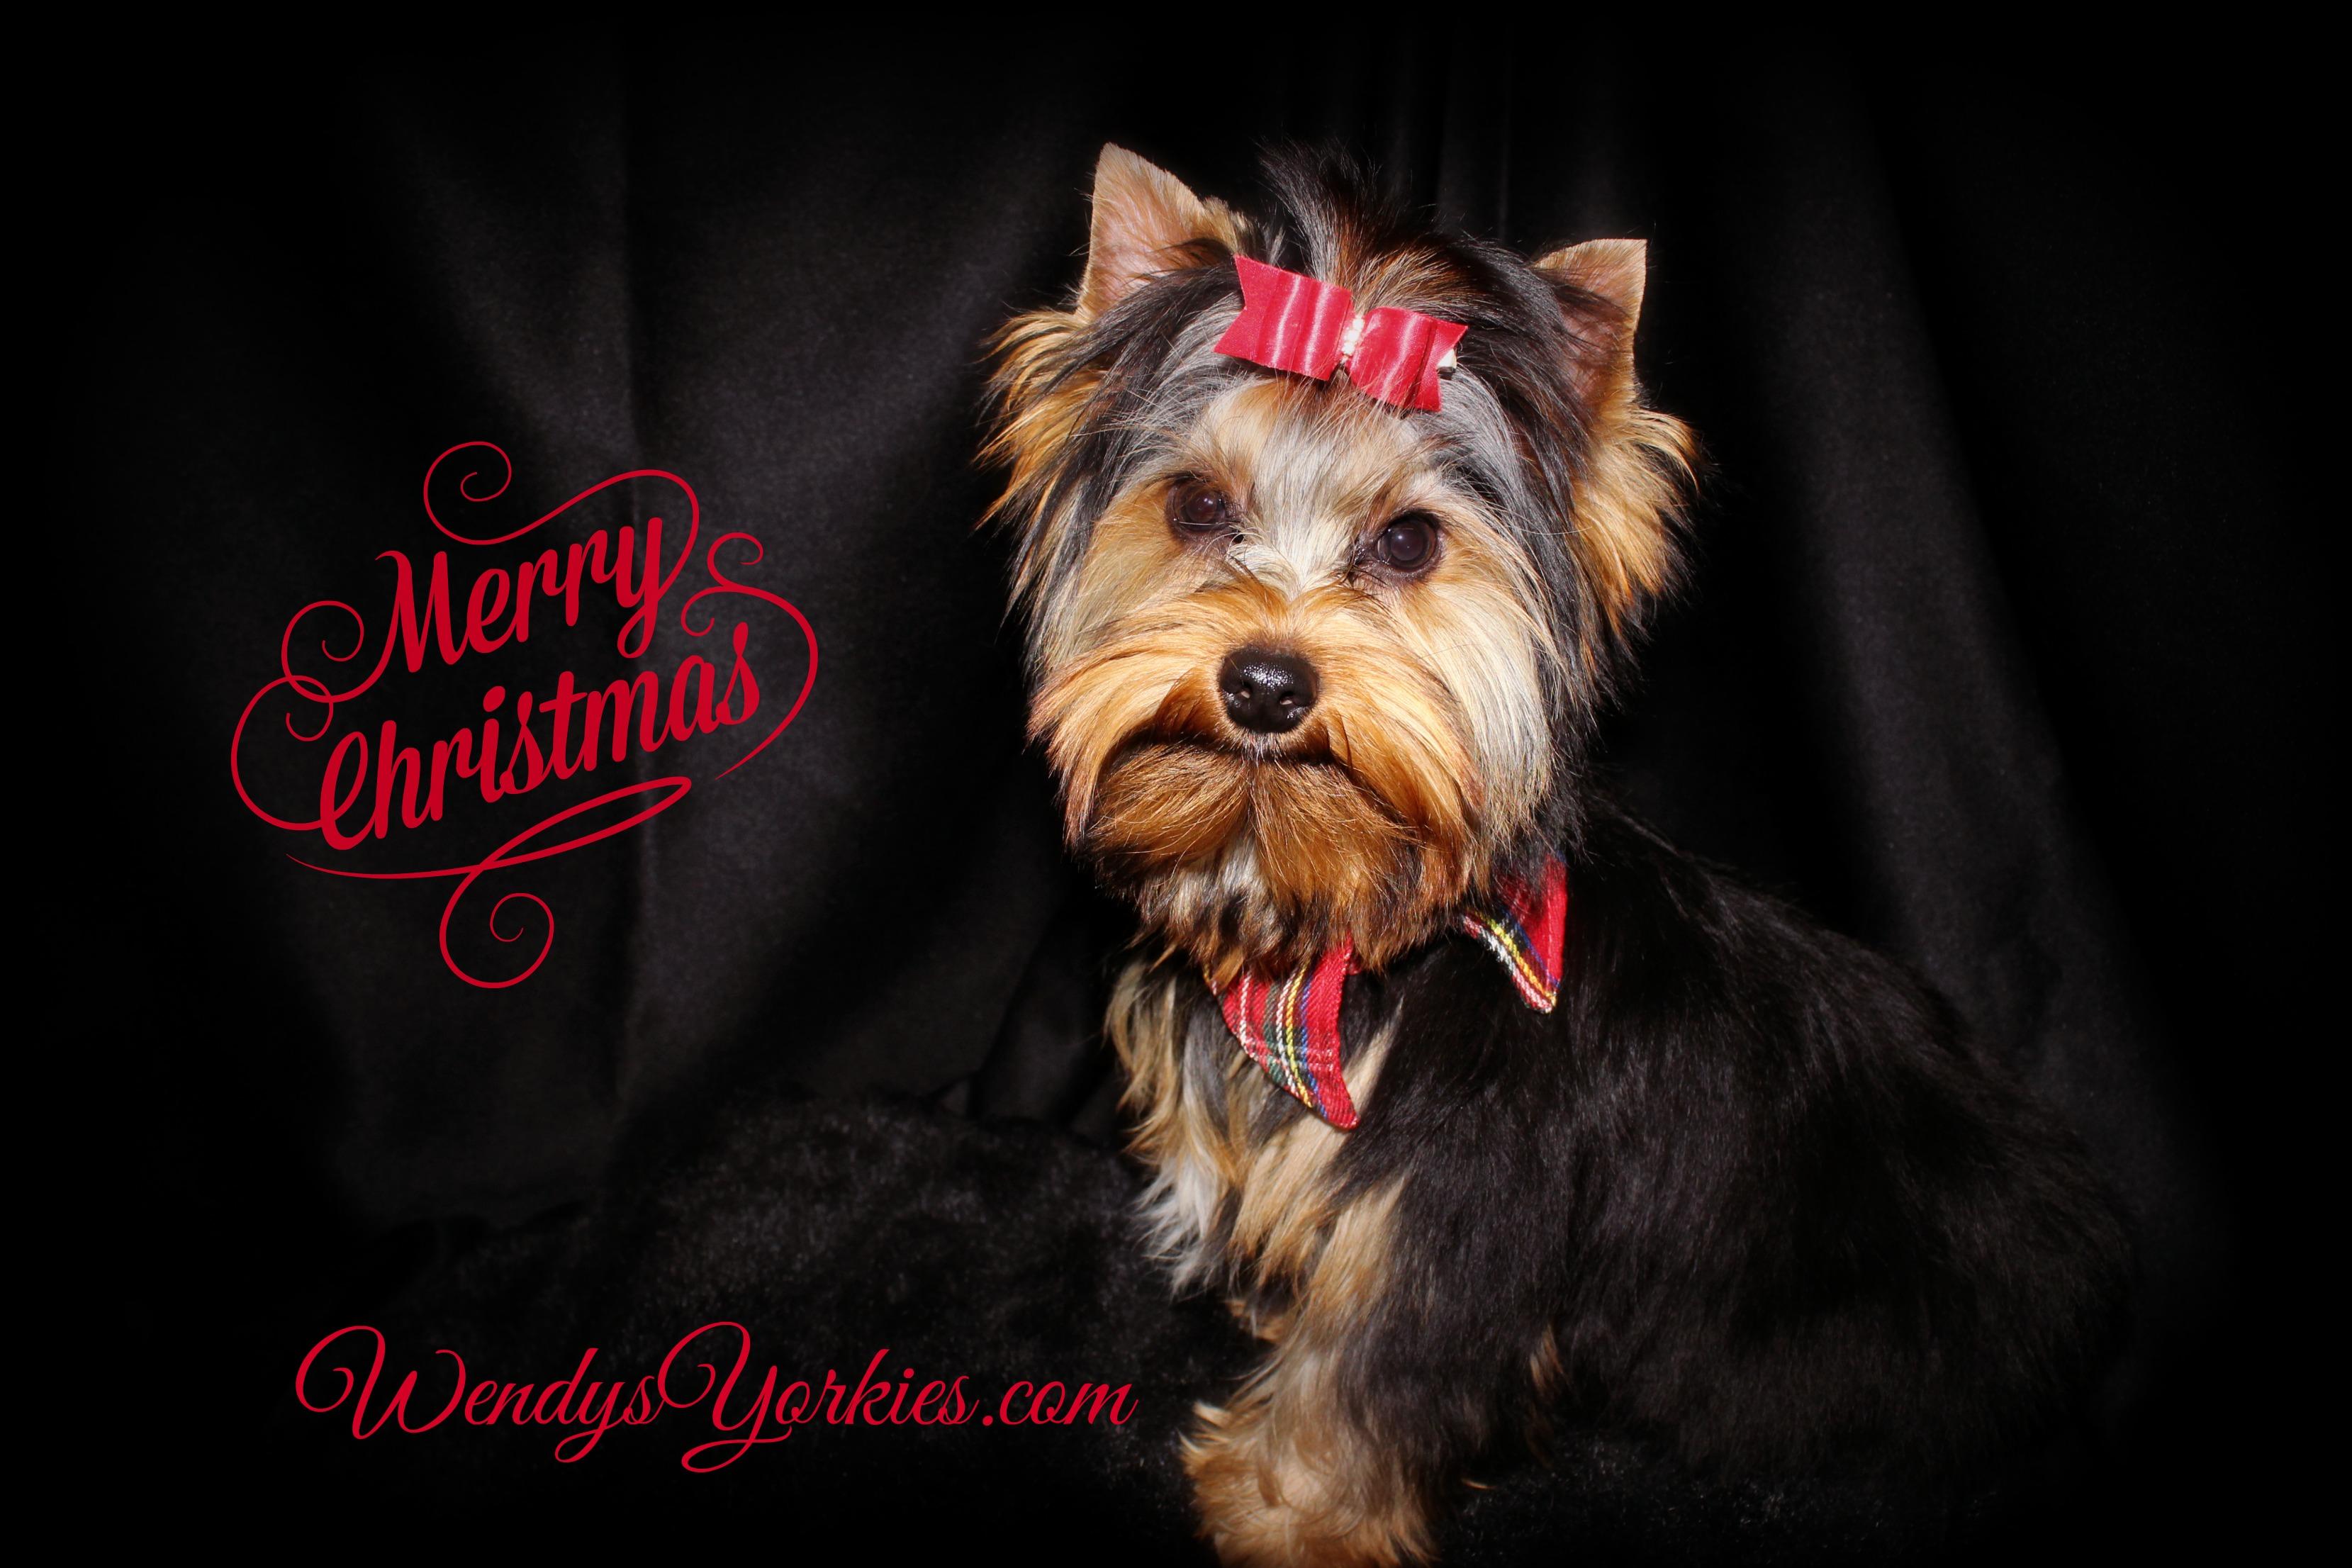 Merry Christmas Yorkie, Toy Yorkie puppy for sale, WendysYorkies.com, Zeus